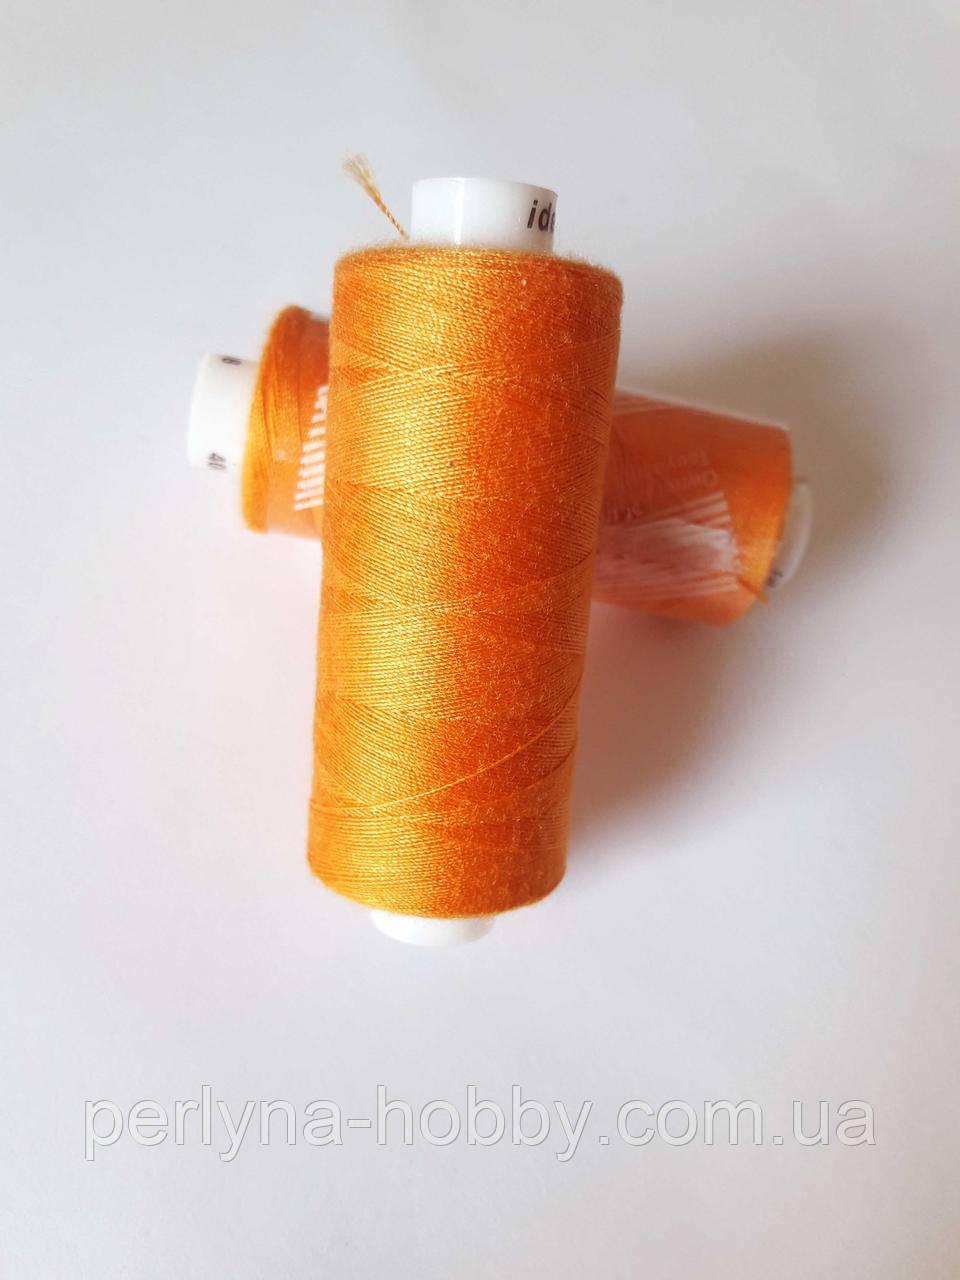 Нитка  для шиття, 400 ярдів (360 м)  поліестер 100%. Оранжева  № 138